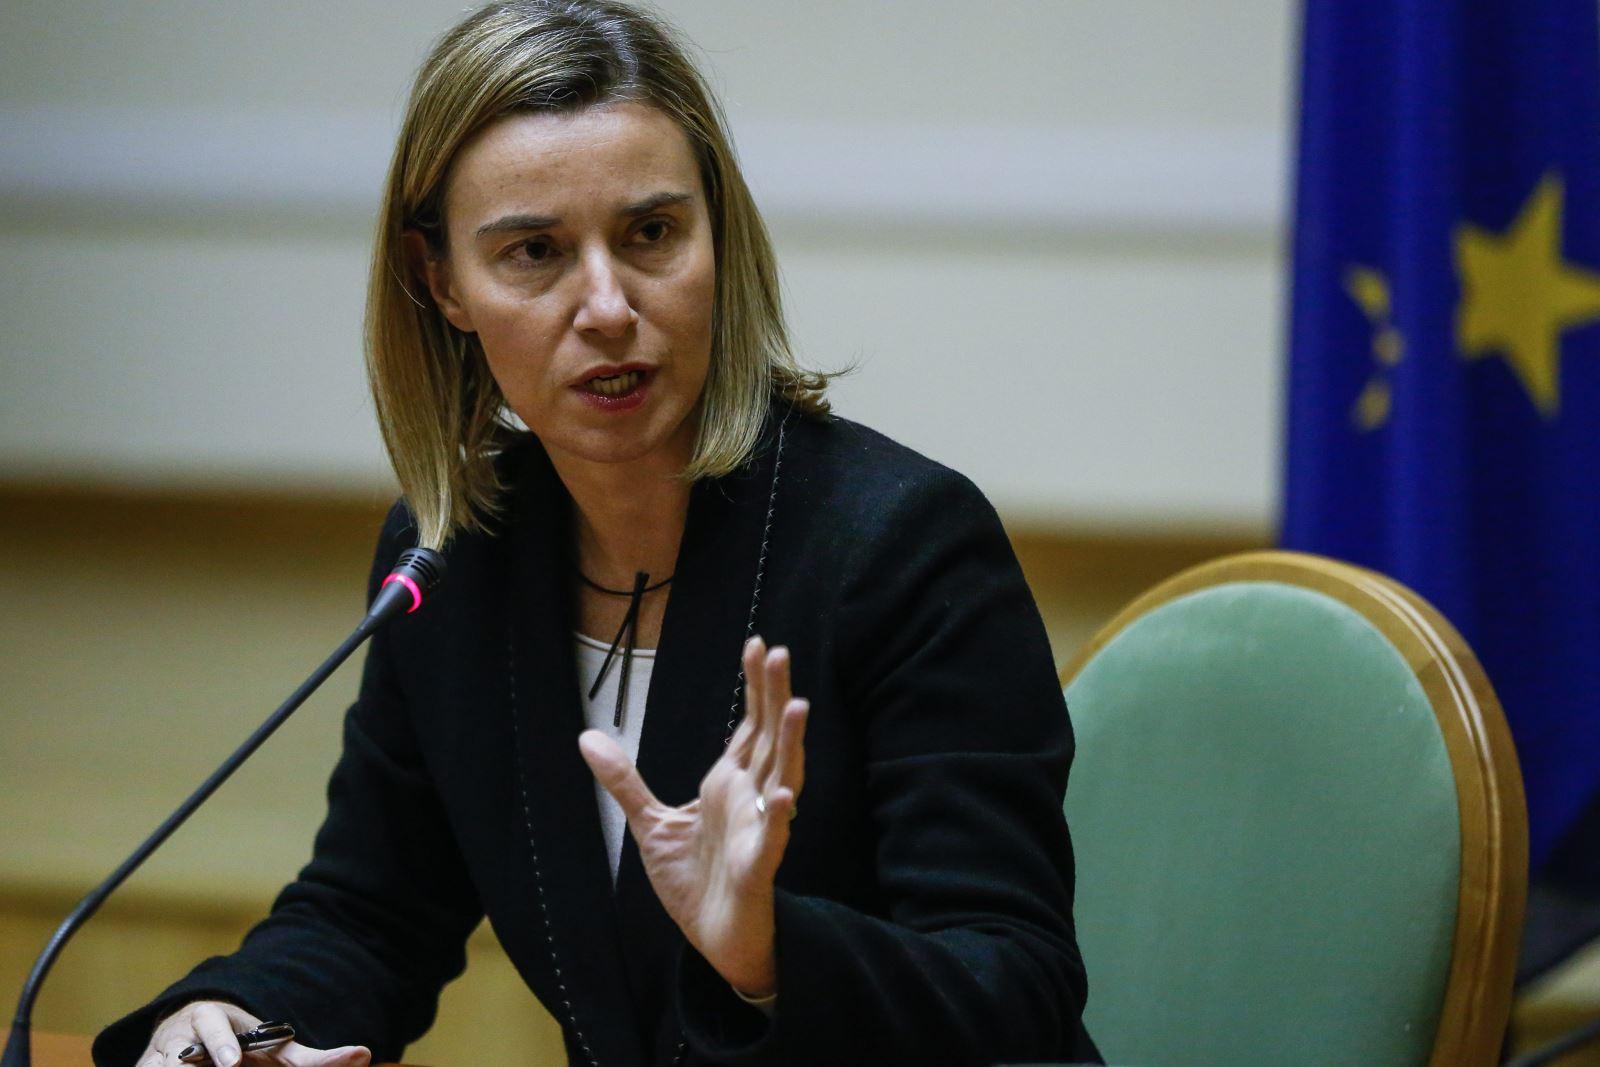 Евросоюзу нужно, если не полное решение, то заморозка конфликта на Донбассе и вокруг Крыма (на фото: Верховной комиссар ЕС по иностранным делам и политике безопасности Фредерика Могерини)